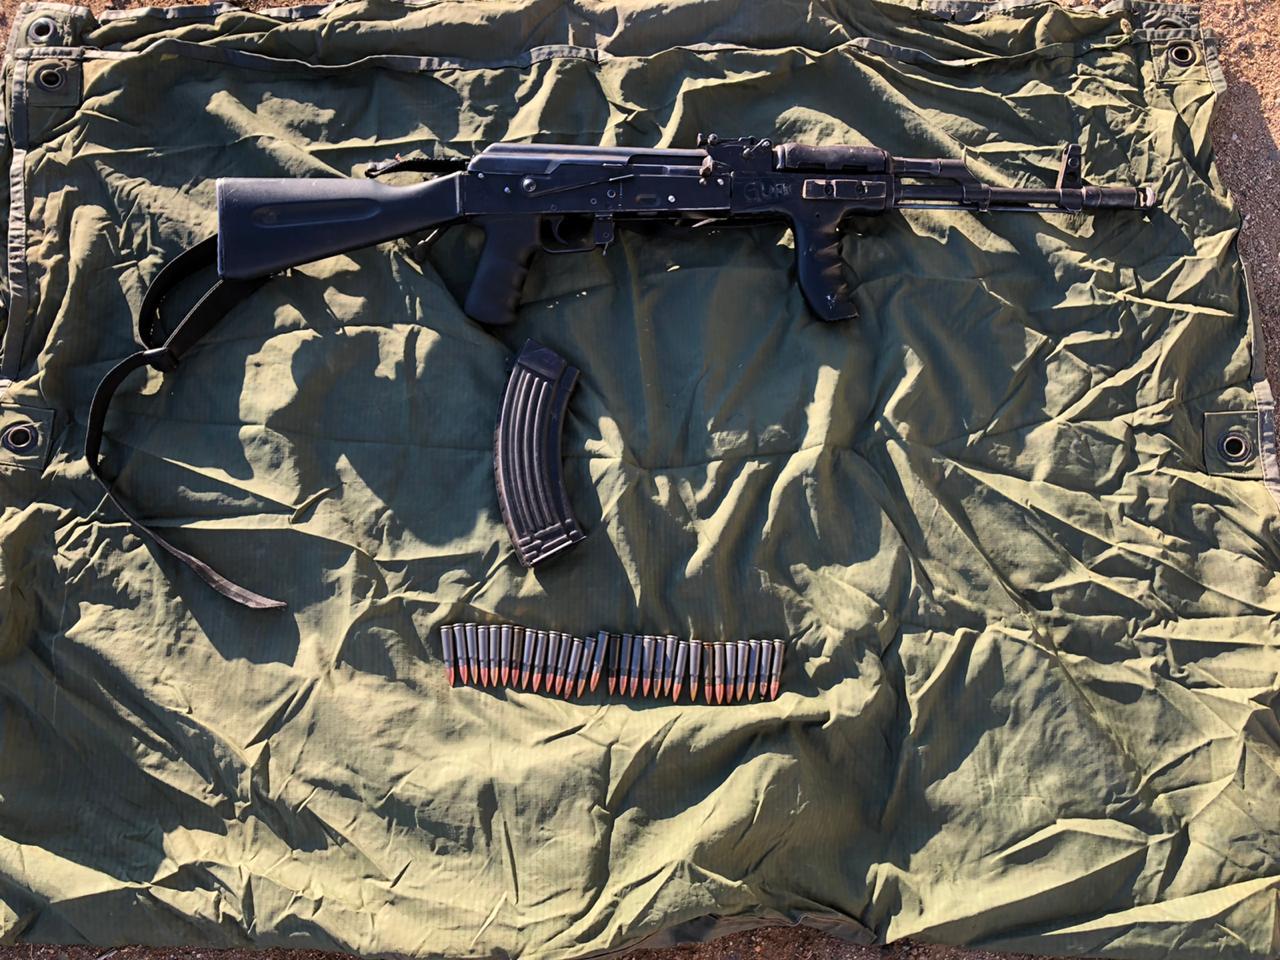 Malandros abandonan AK 47 y huyen de militares